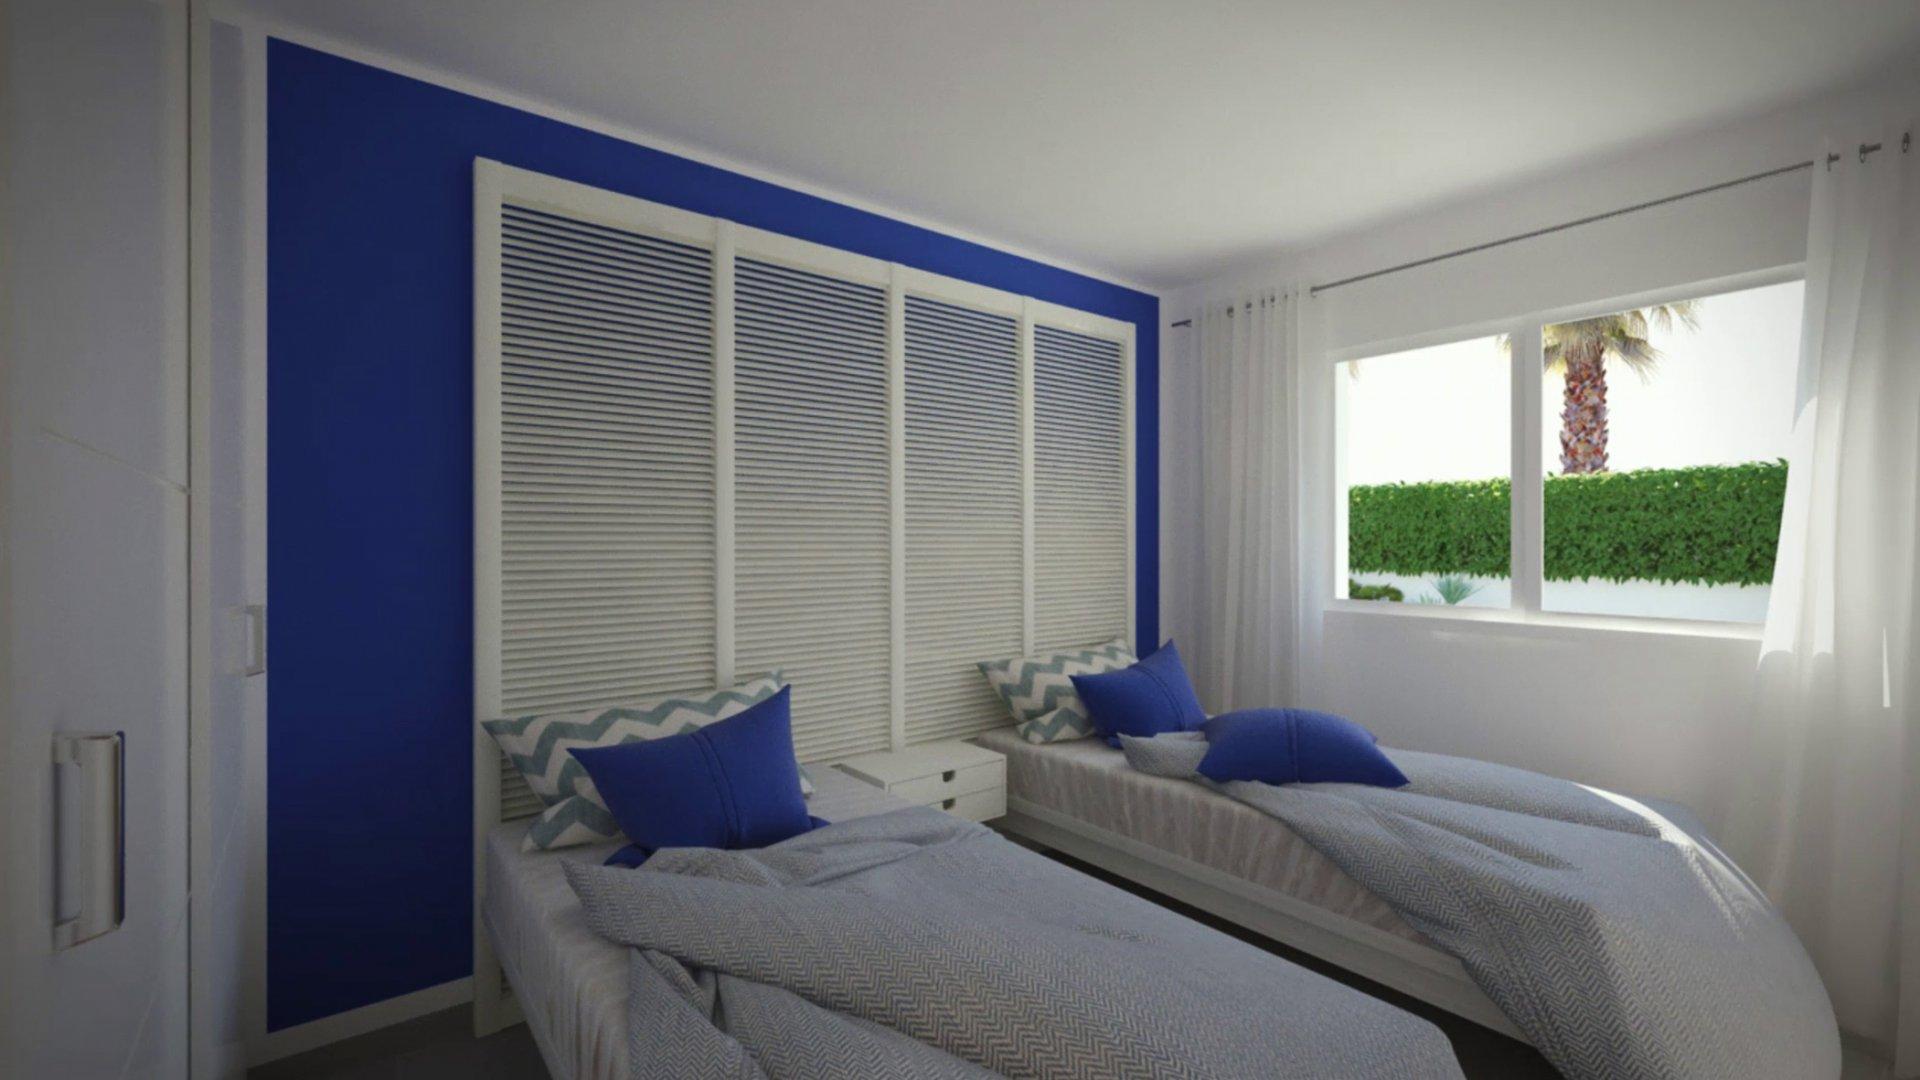 Vente Duplex - Hergla - Tunisie